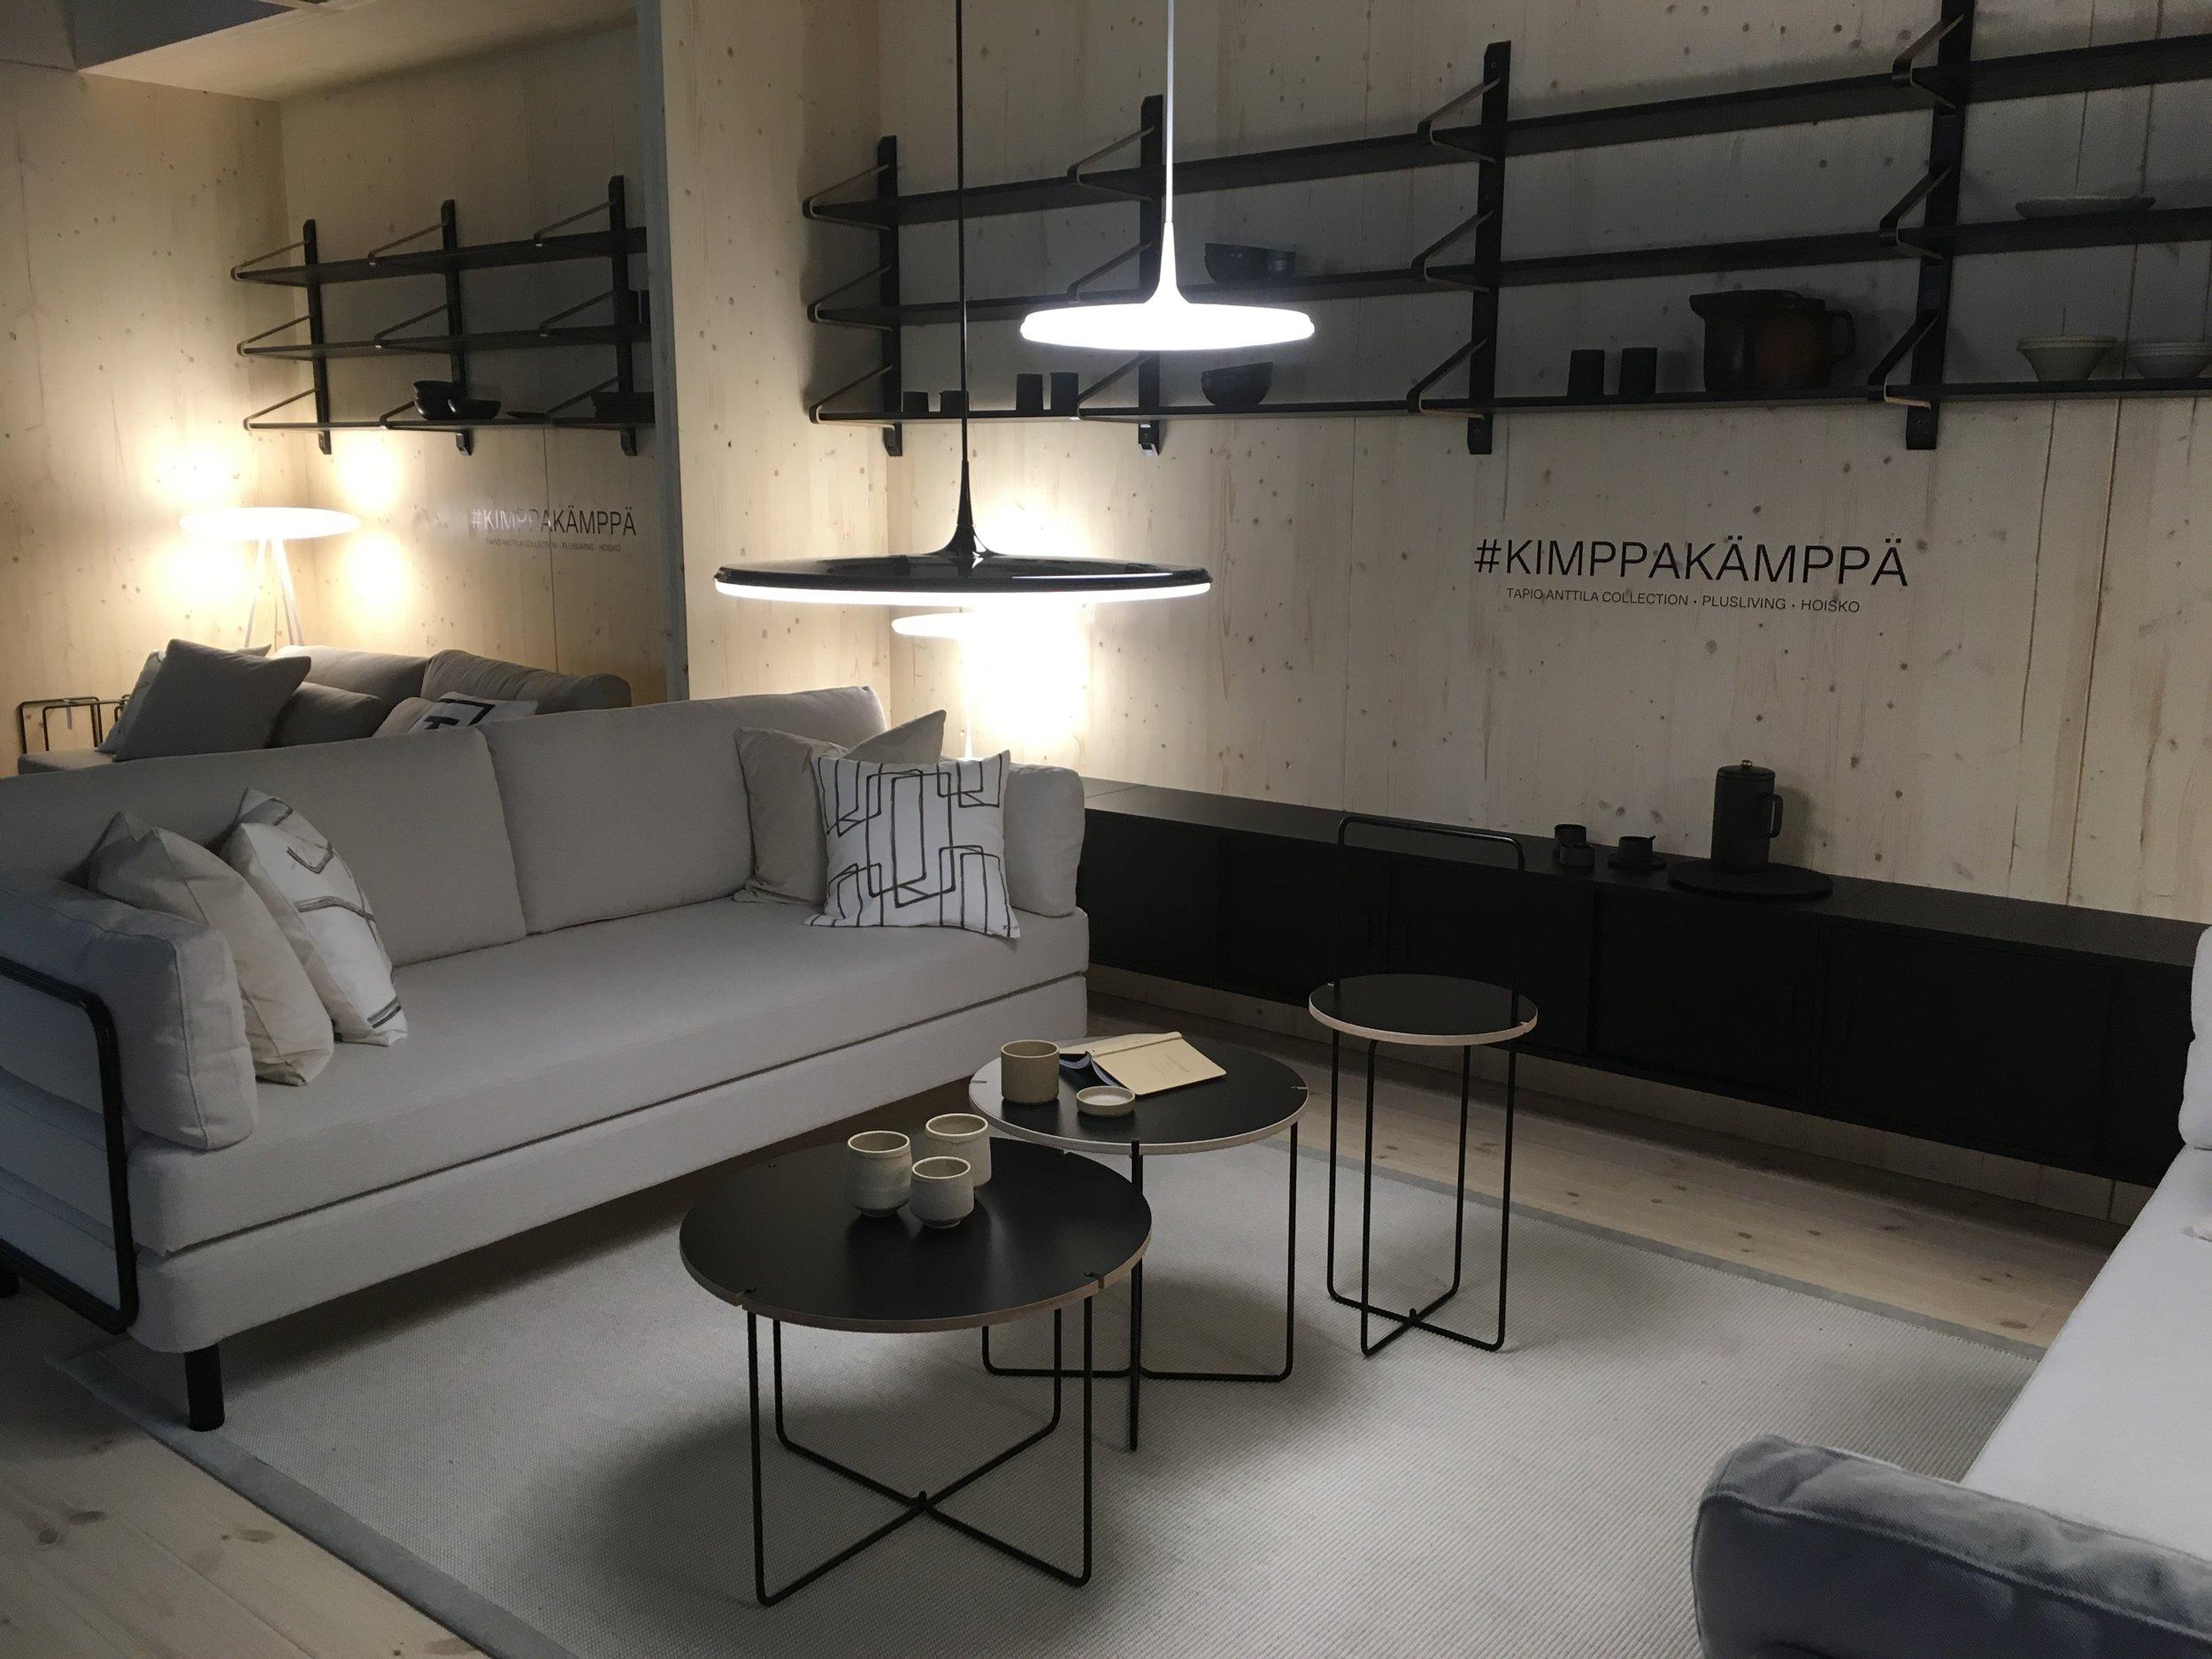 Ülimalt lihtsa ja õhulise disainiga diivanvoodi, seinakapid ja Alvar Aalto disainimustriga riiulid. Lemmik, lemmik, lemmik!